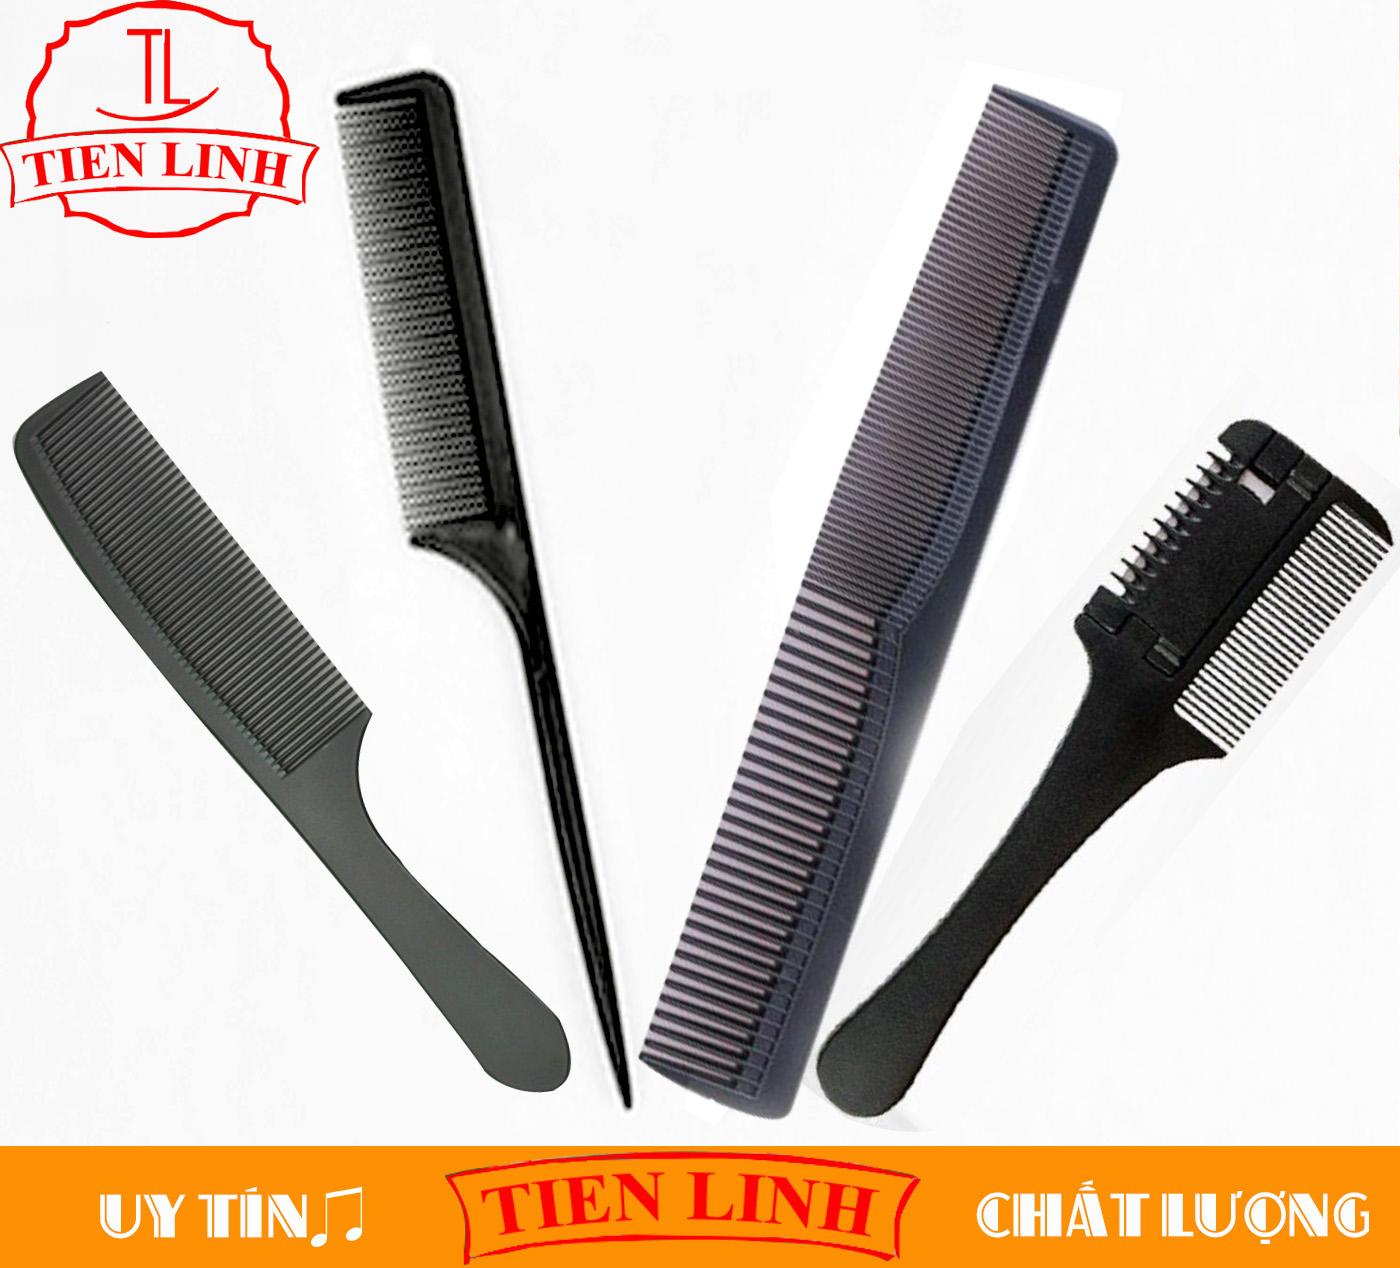 Combo lược cắt tóc lược đuôi nhọn + lược tỉa tóc + lược 2 kiểu răng + lược Tony and Guy